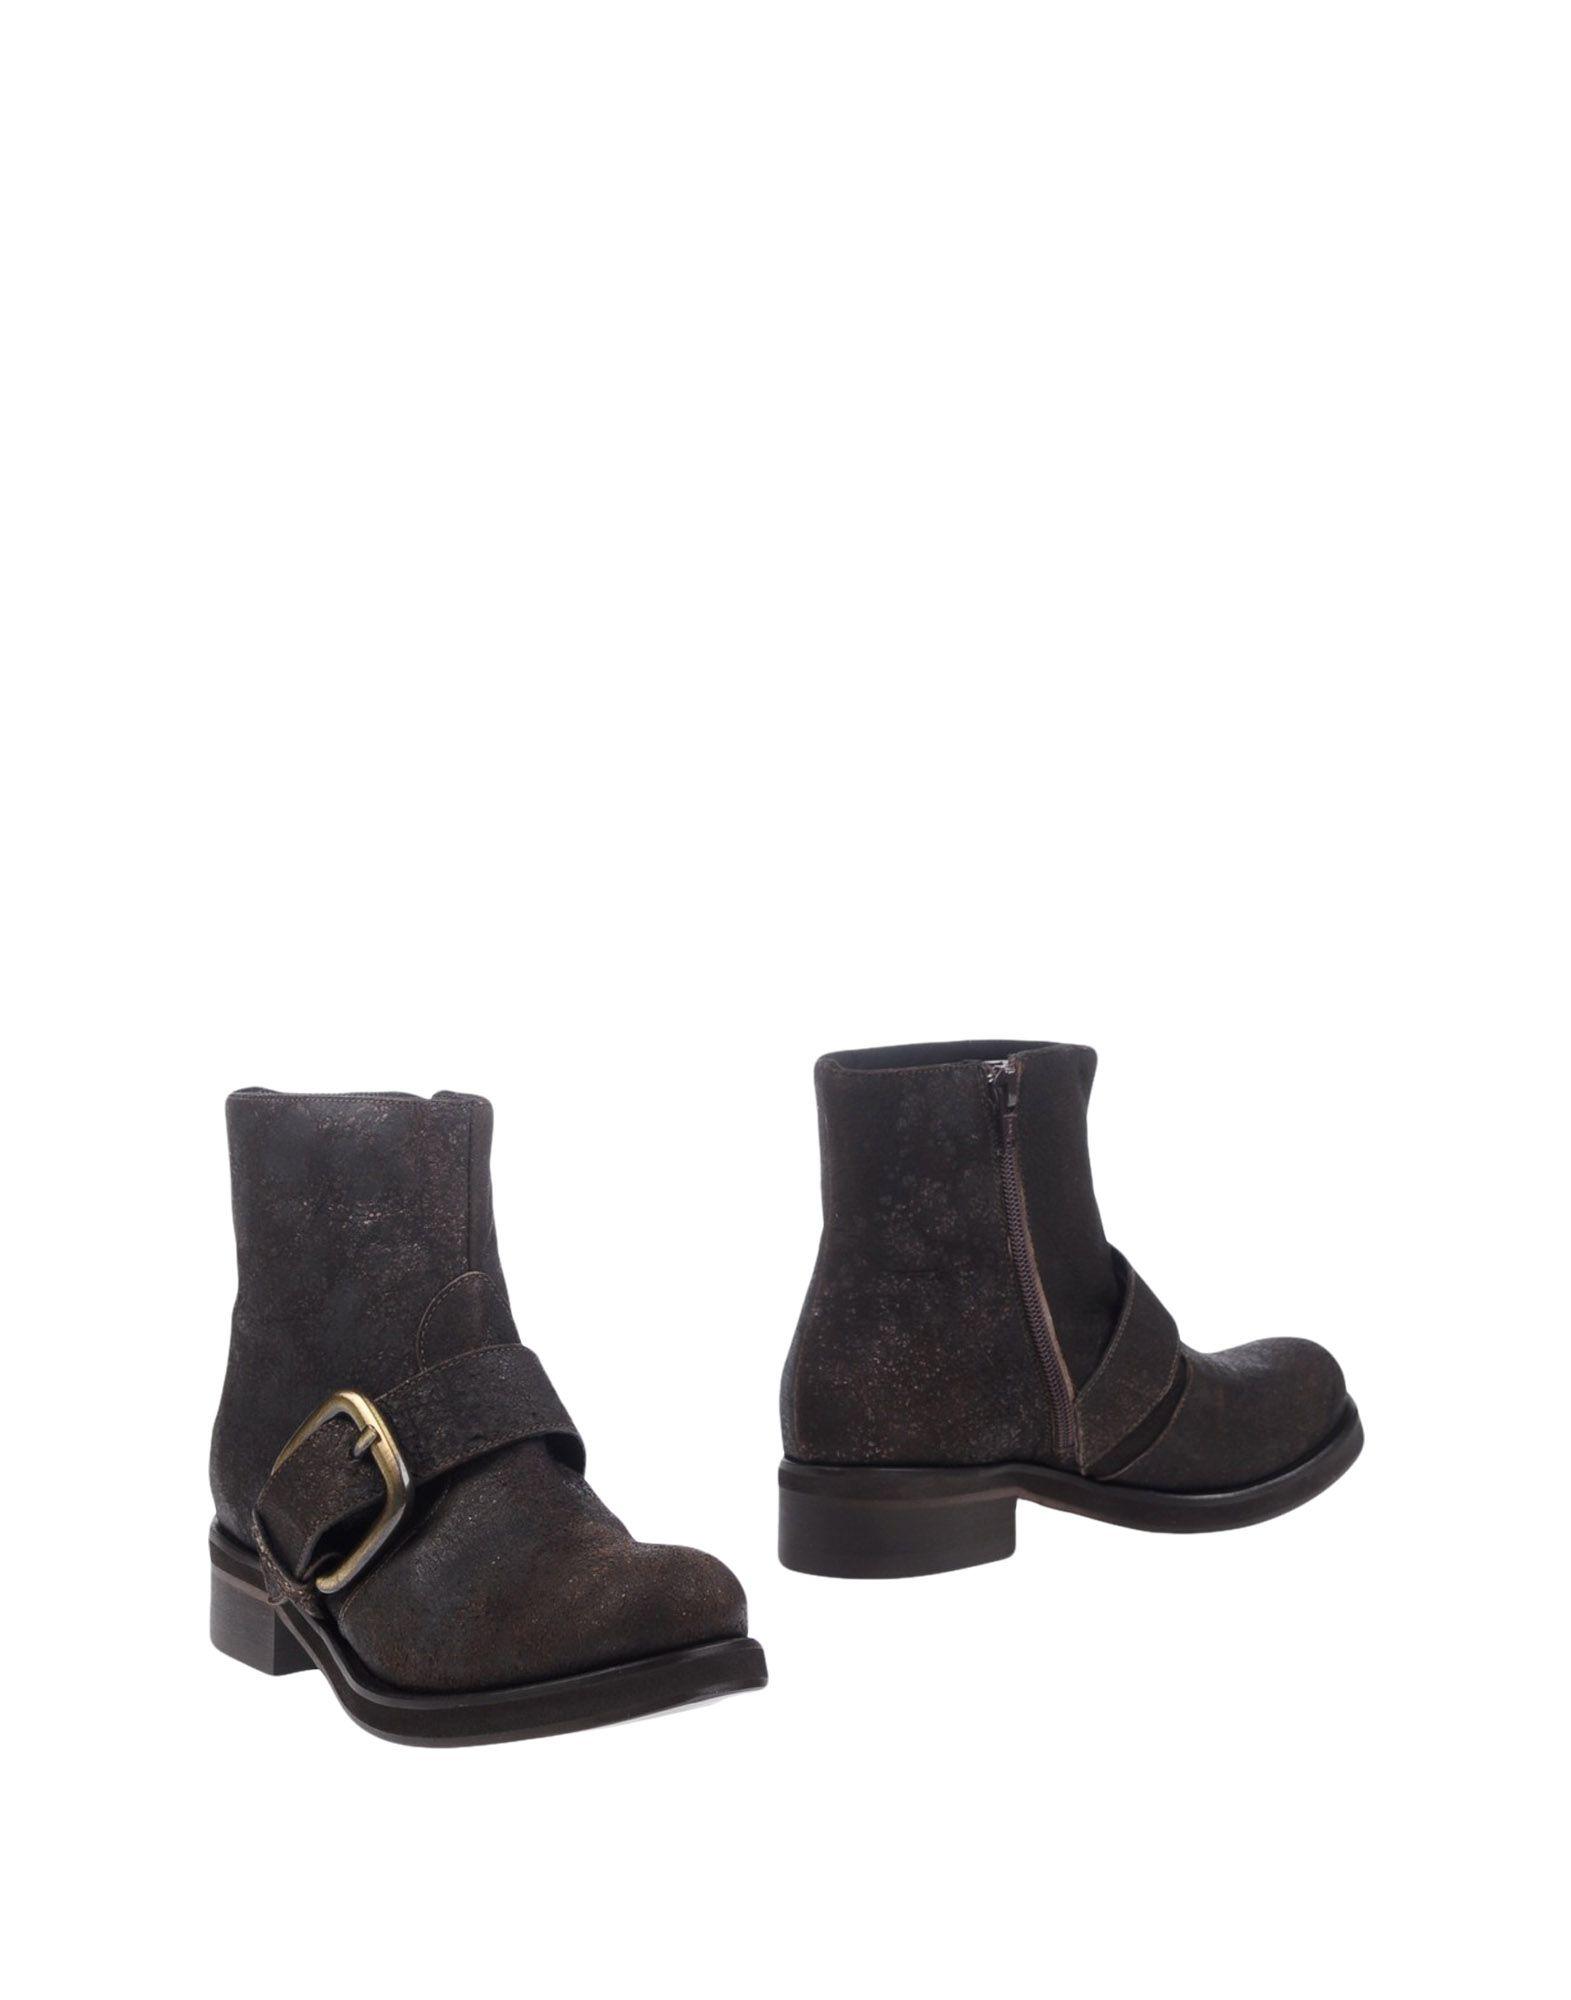 Giancarlo Paoli Stiefelette Damen  11279251CA Gute Qualität beliebte Schuhe